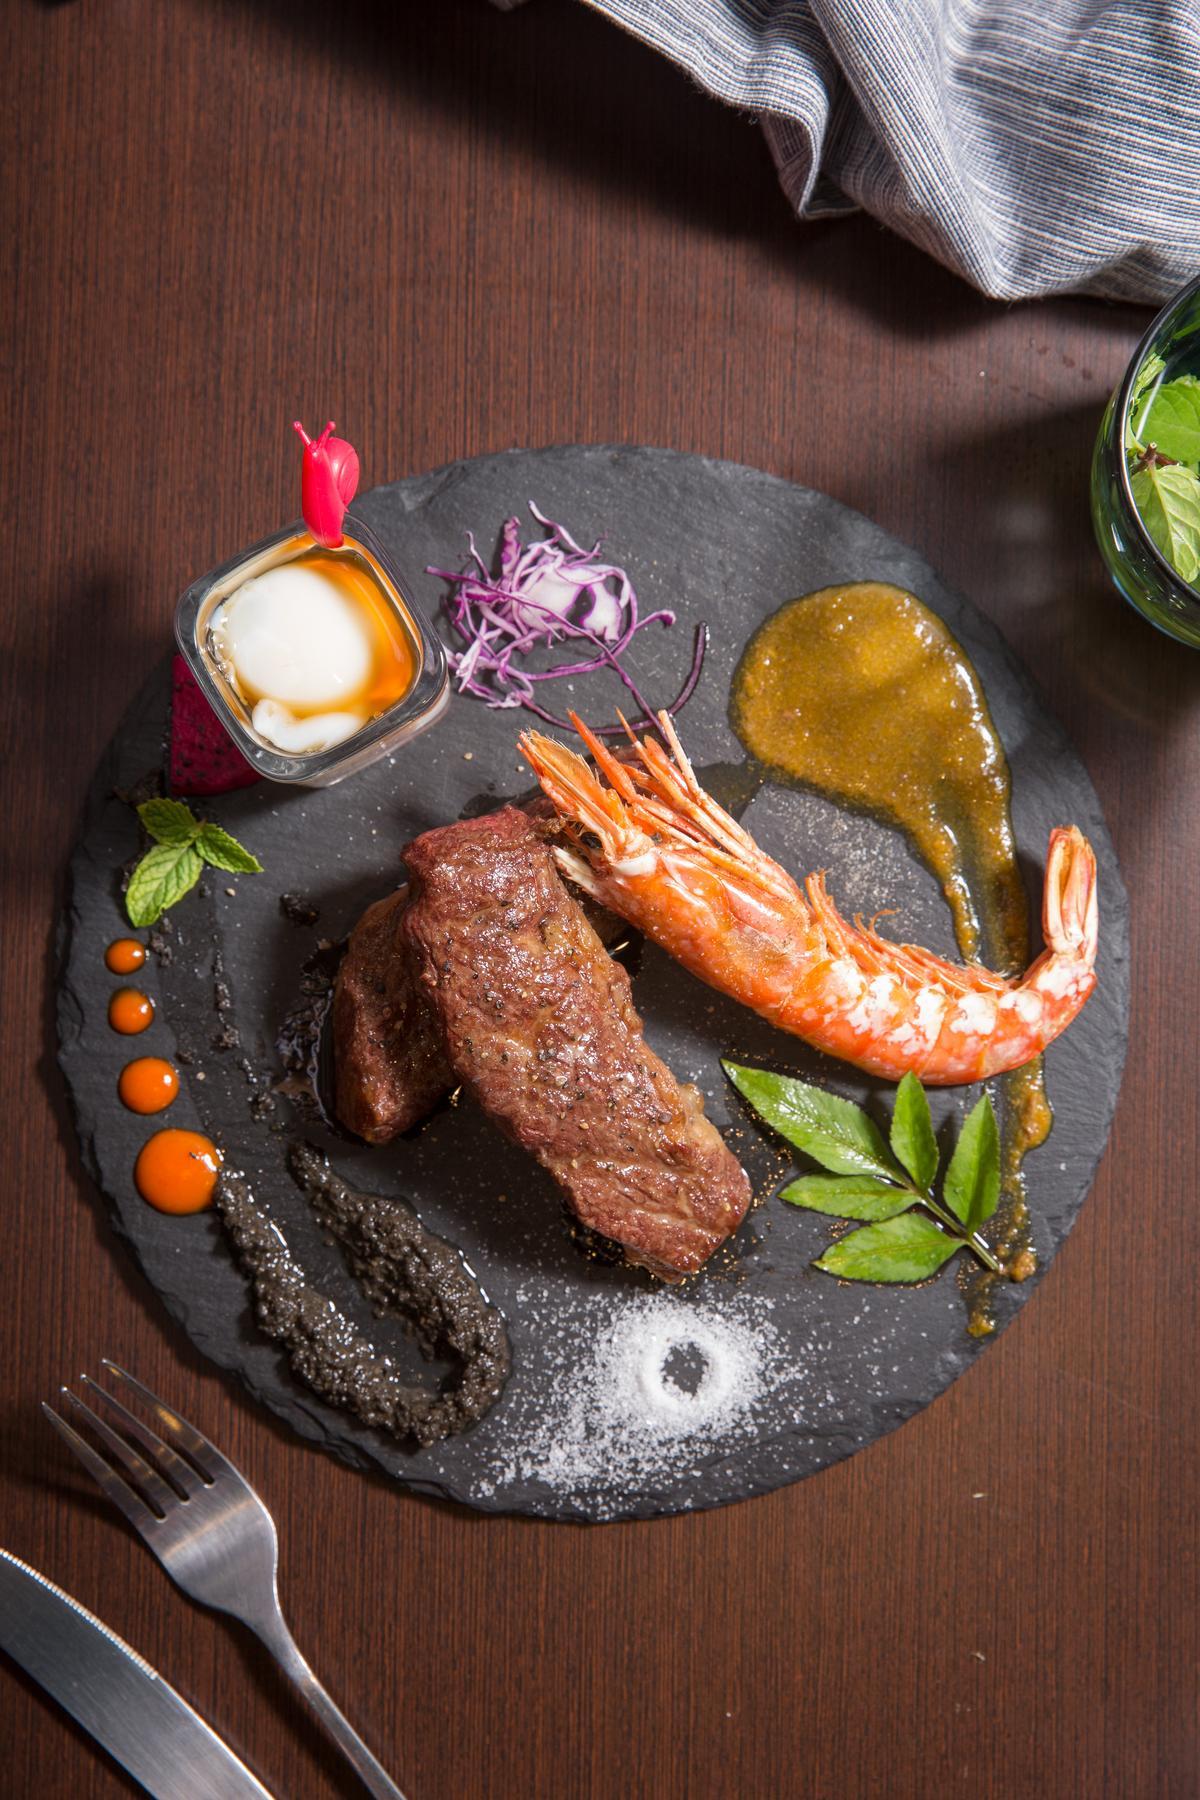 「黑松露美國無骨牛小排」搭配舒肥蛋與松露醬、南瓜咖哩醬,後者竟還加了鴕鳥肉。(950元/份)